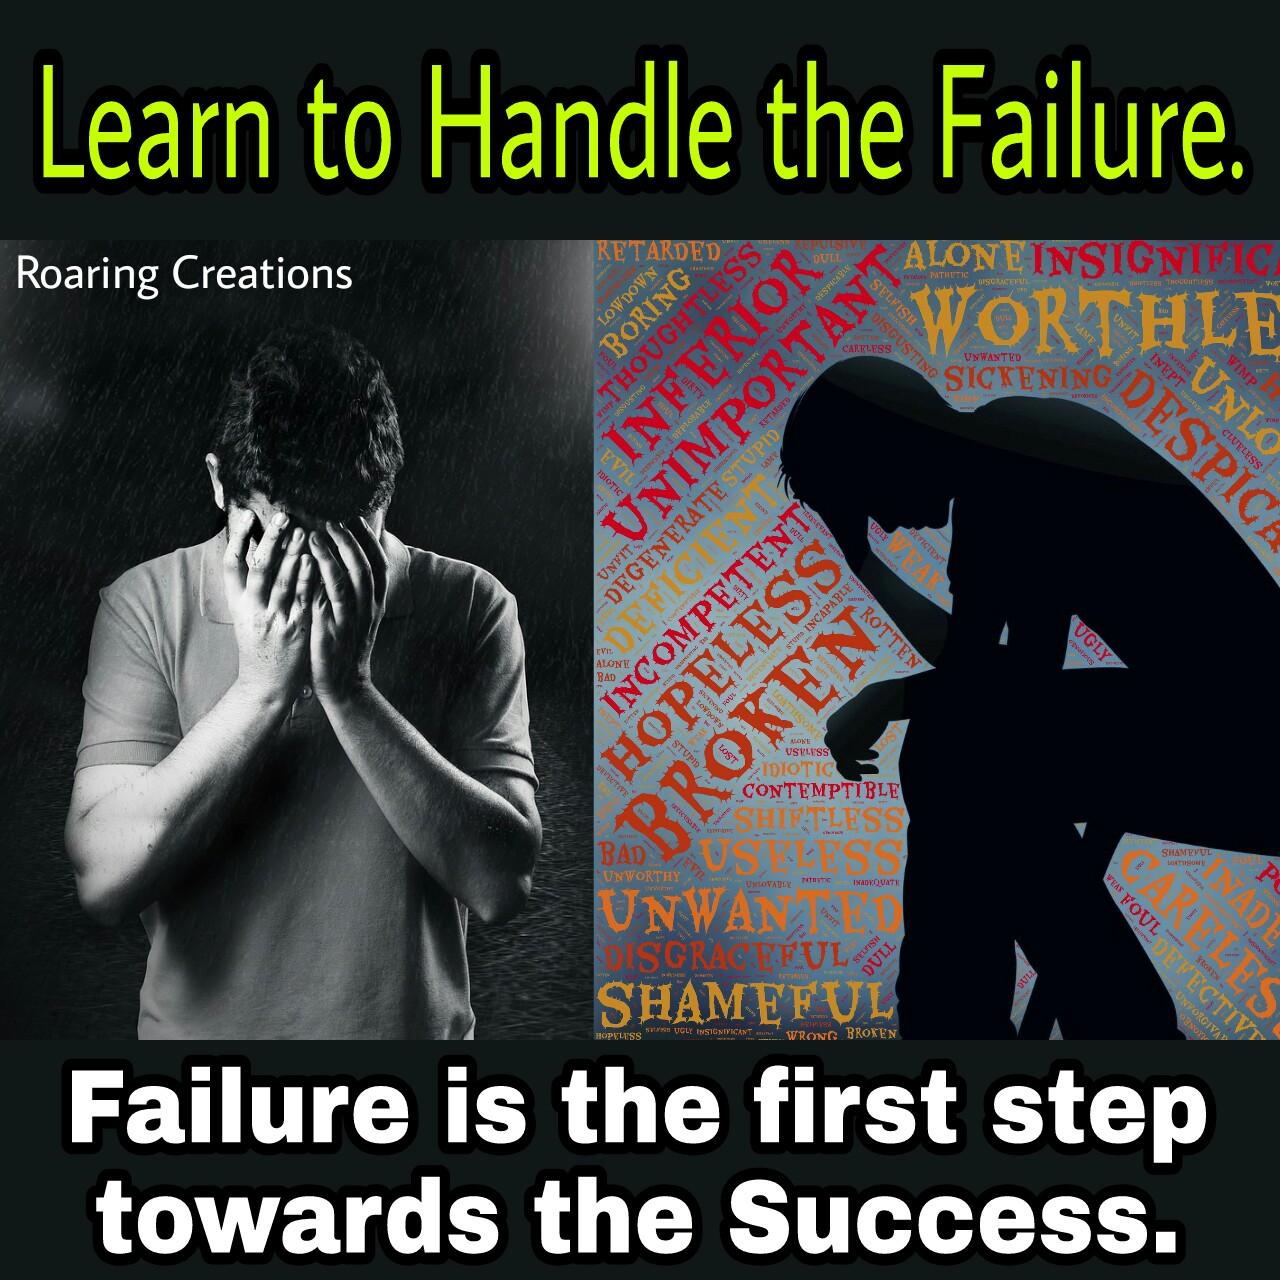 ಡಾ.ಎ.ಪಿ.ಜೆ.ಅಬ್ದುಲ್ ಕಲಾಮರ Top 10 Success ಸೂತ್ರಗಳು - Success Tips of APJ Abdul Kalam in Kannada, abdul kalam quotes